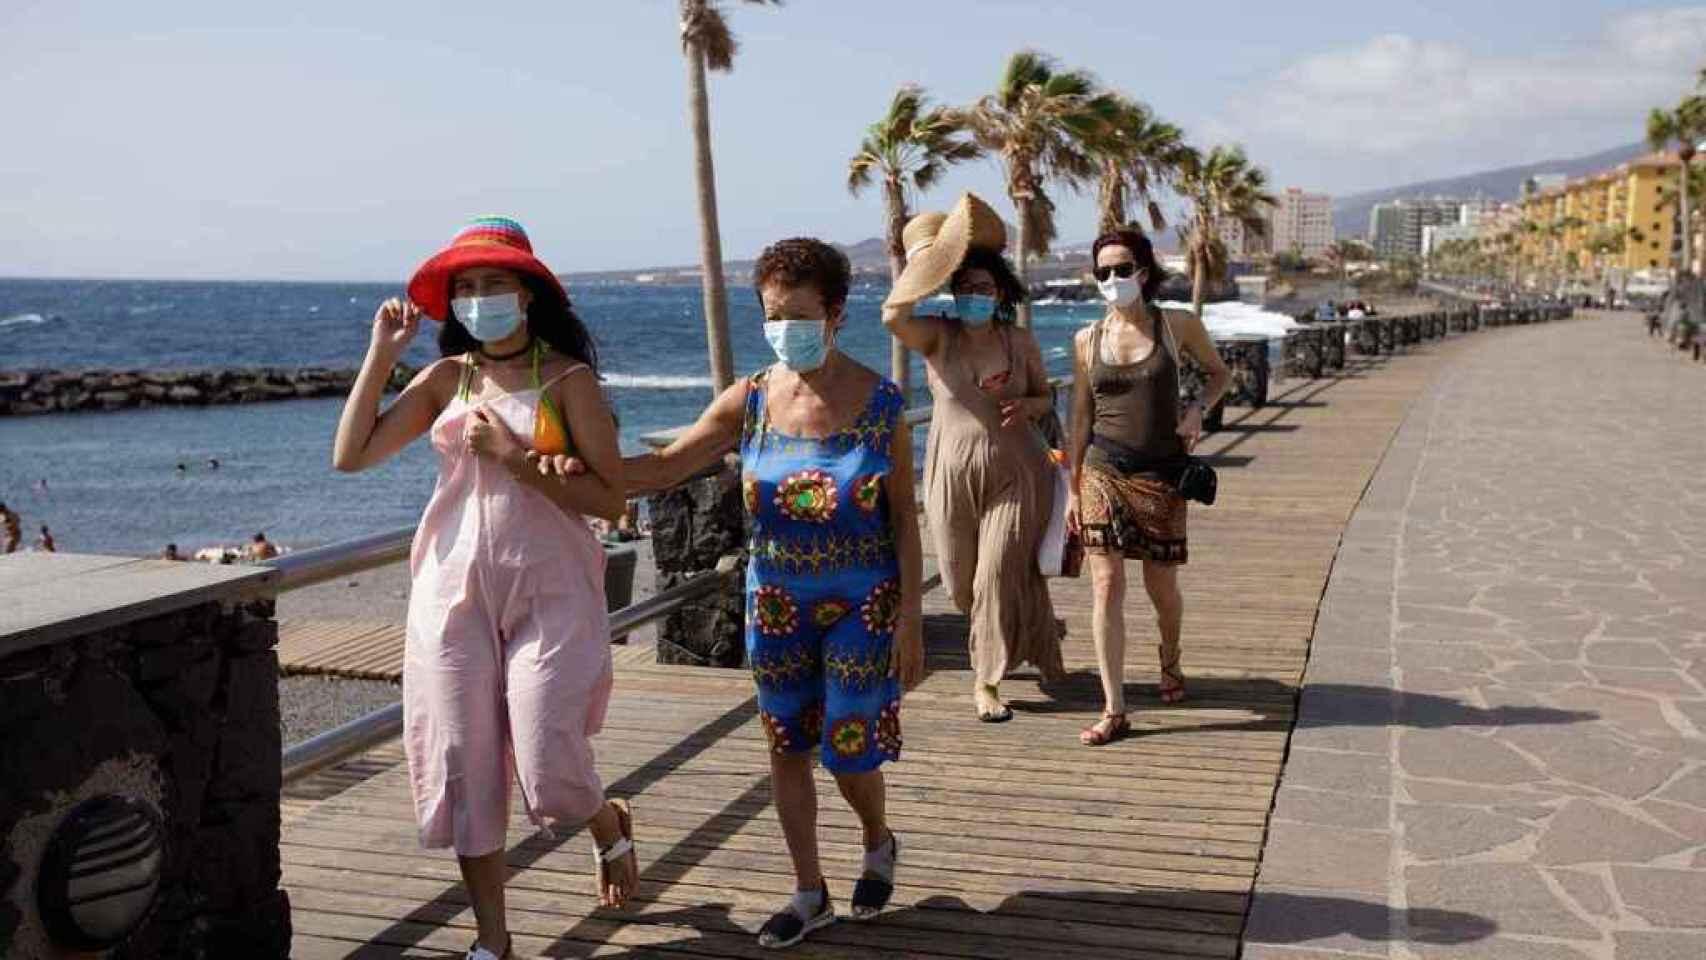 El sector turístico ha caído más de un 75% en 2020 lastrado por la pandemia.